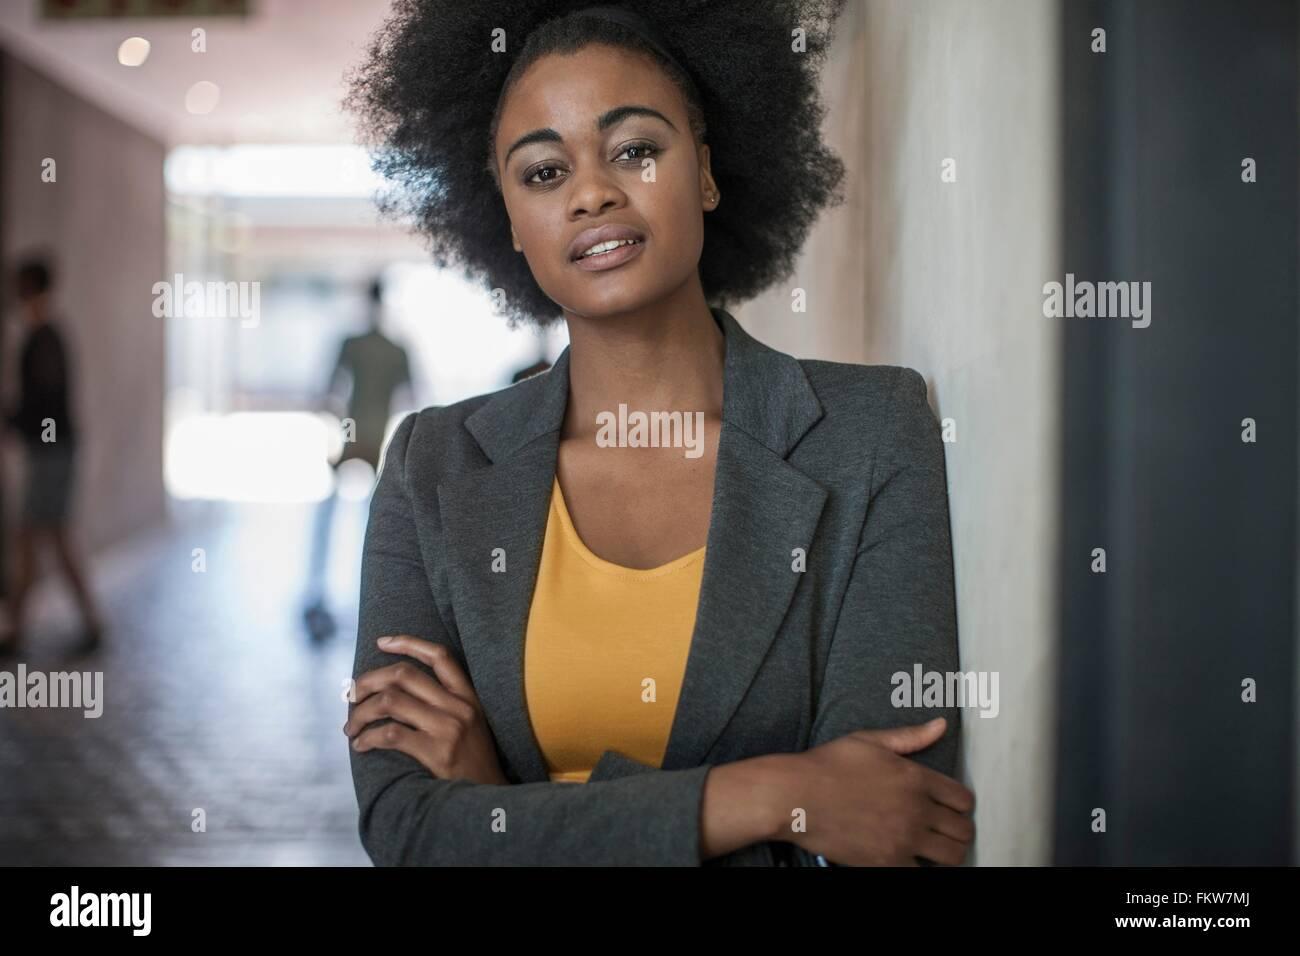 Retrato de confianza que los jóvenes empresarias, apoyada contra la pared de oficina Imagen De Stock